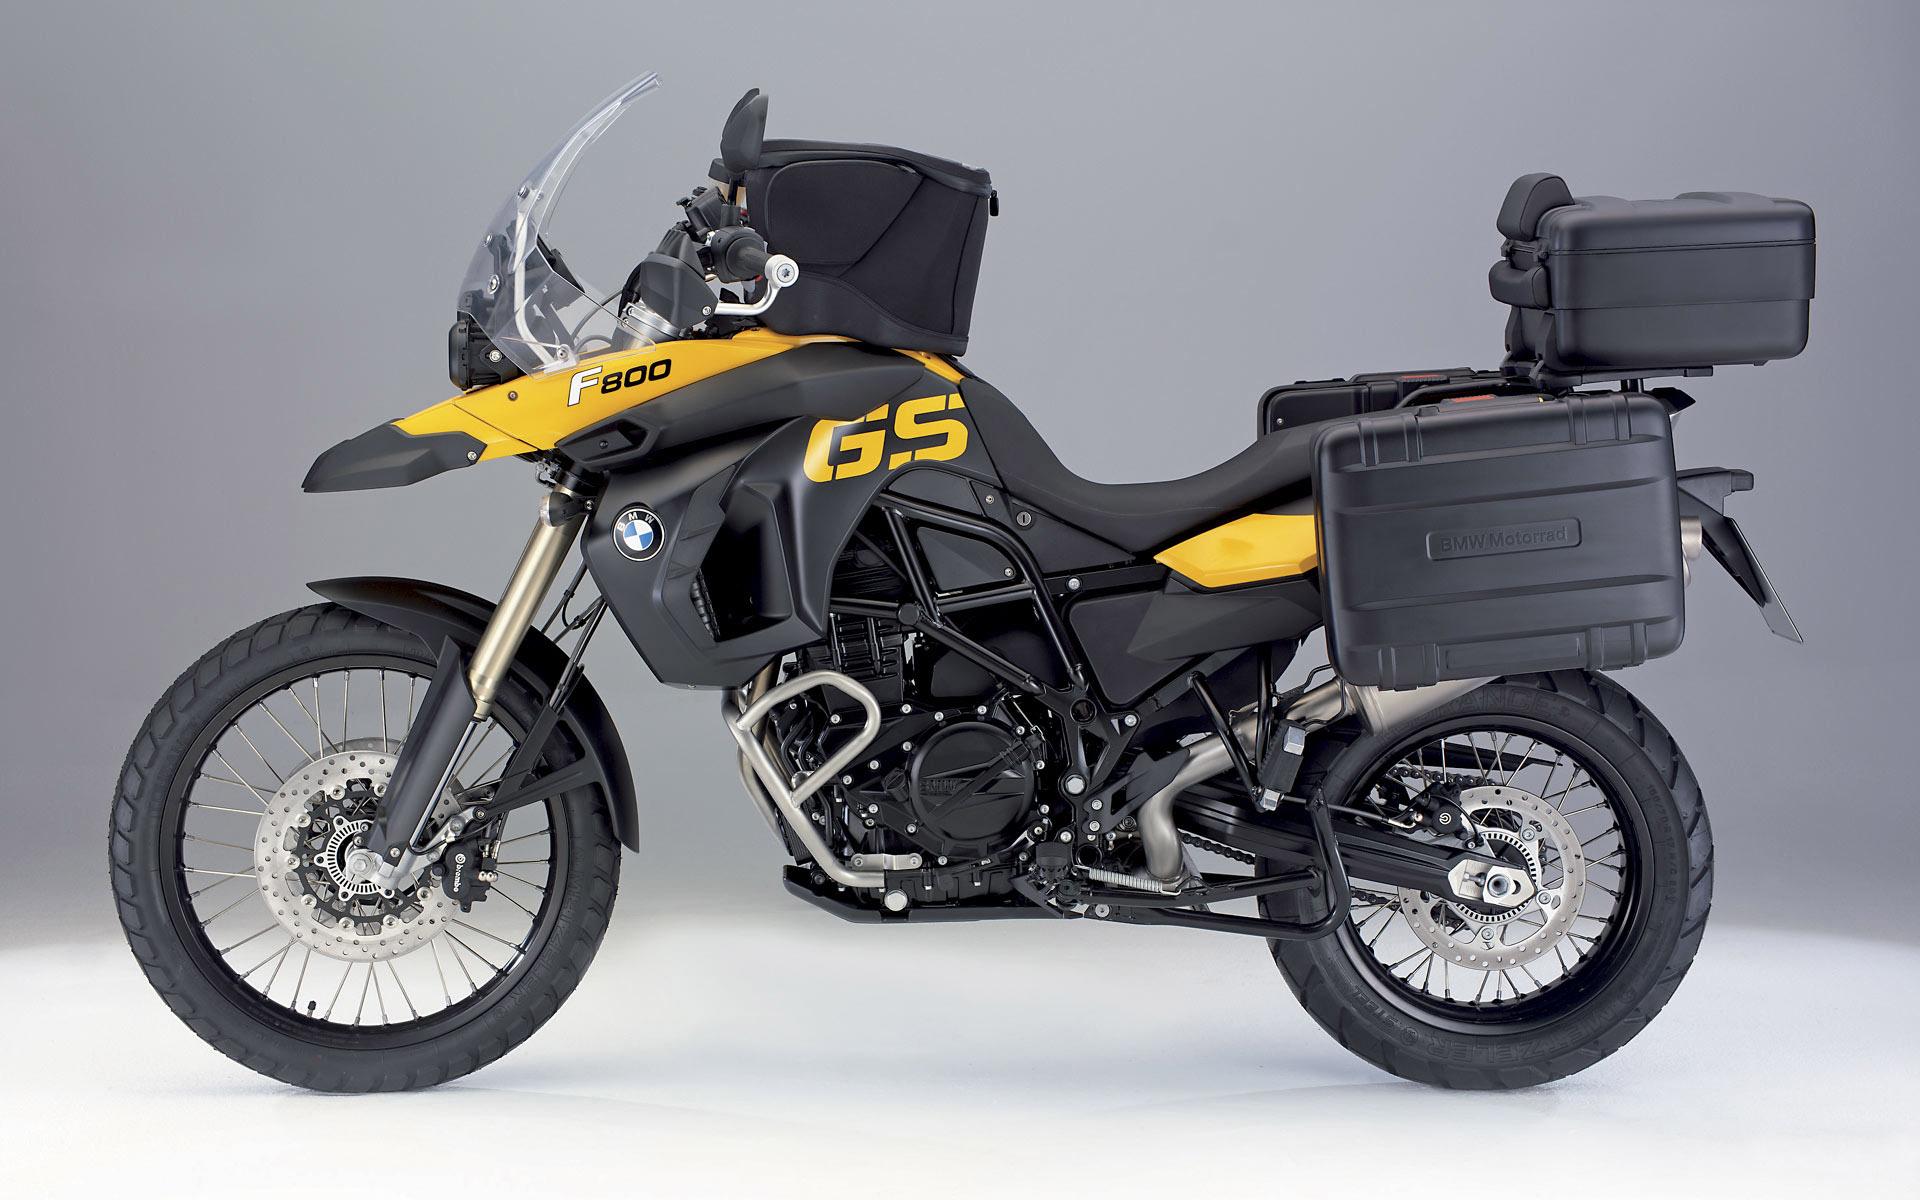 духлесс 2 фото мотоцикл #3